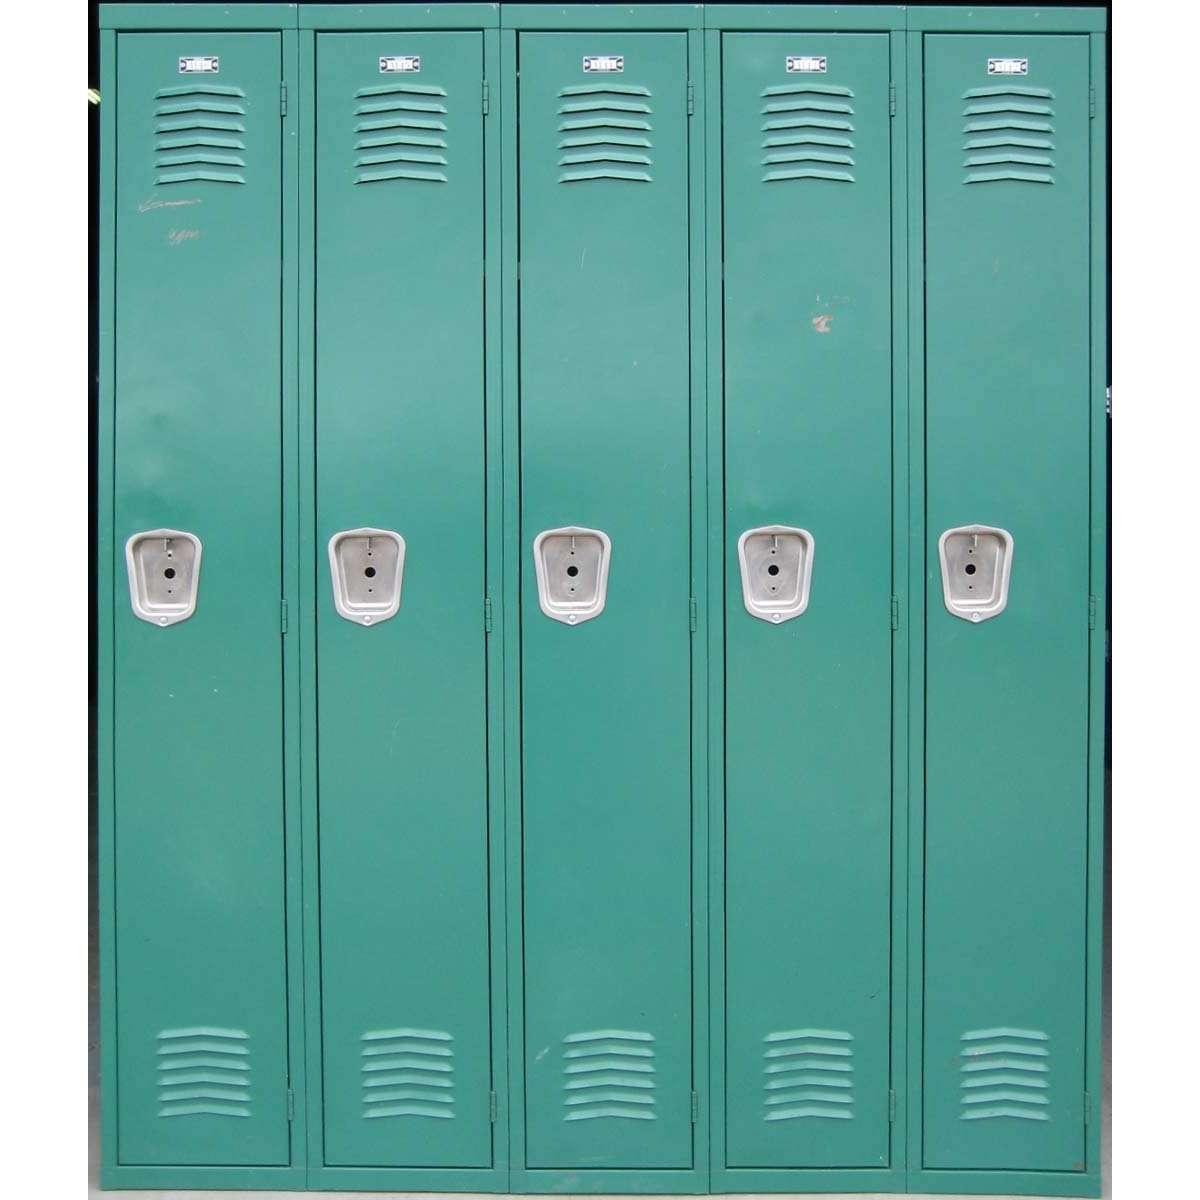 Locker Wallpaper Diy: Locker Wallpaper For School